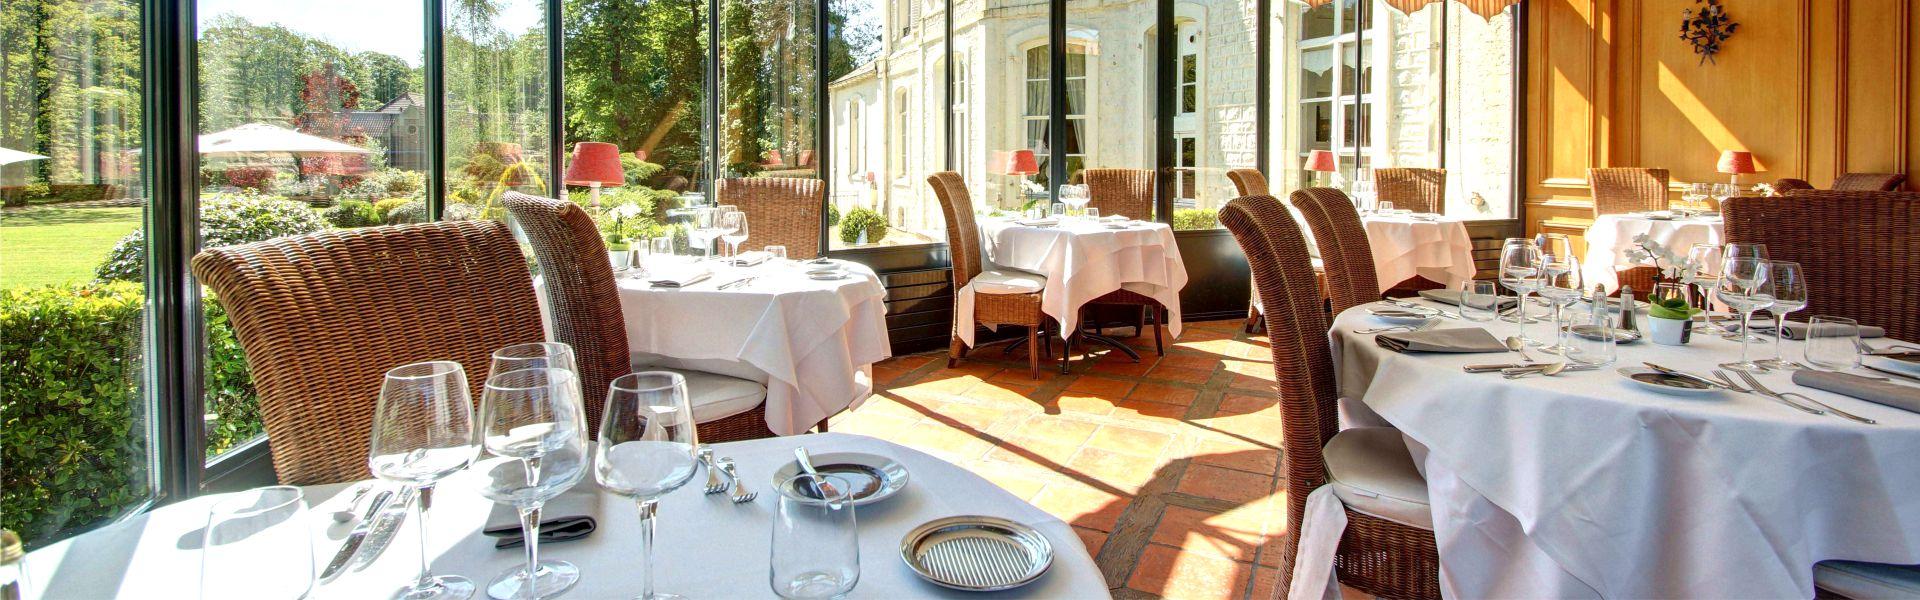 Photo d'une salle du restaurant Najeti le Berthier du Najeti Hôtel Château Cléry situé à Hesdin-l'Abbé.